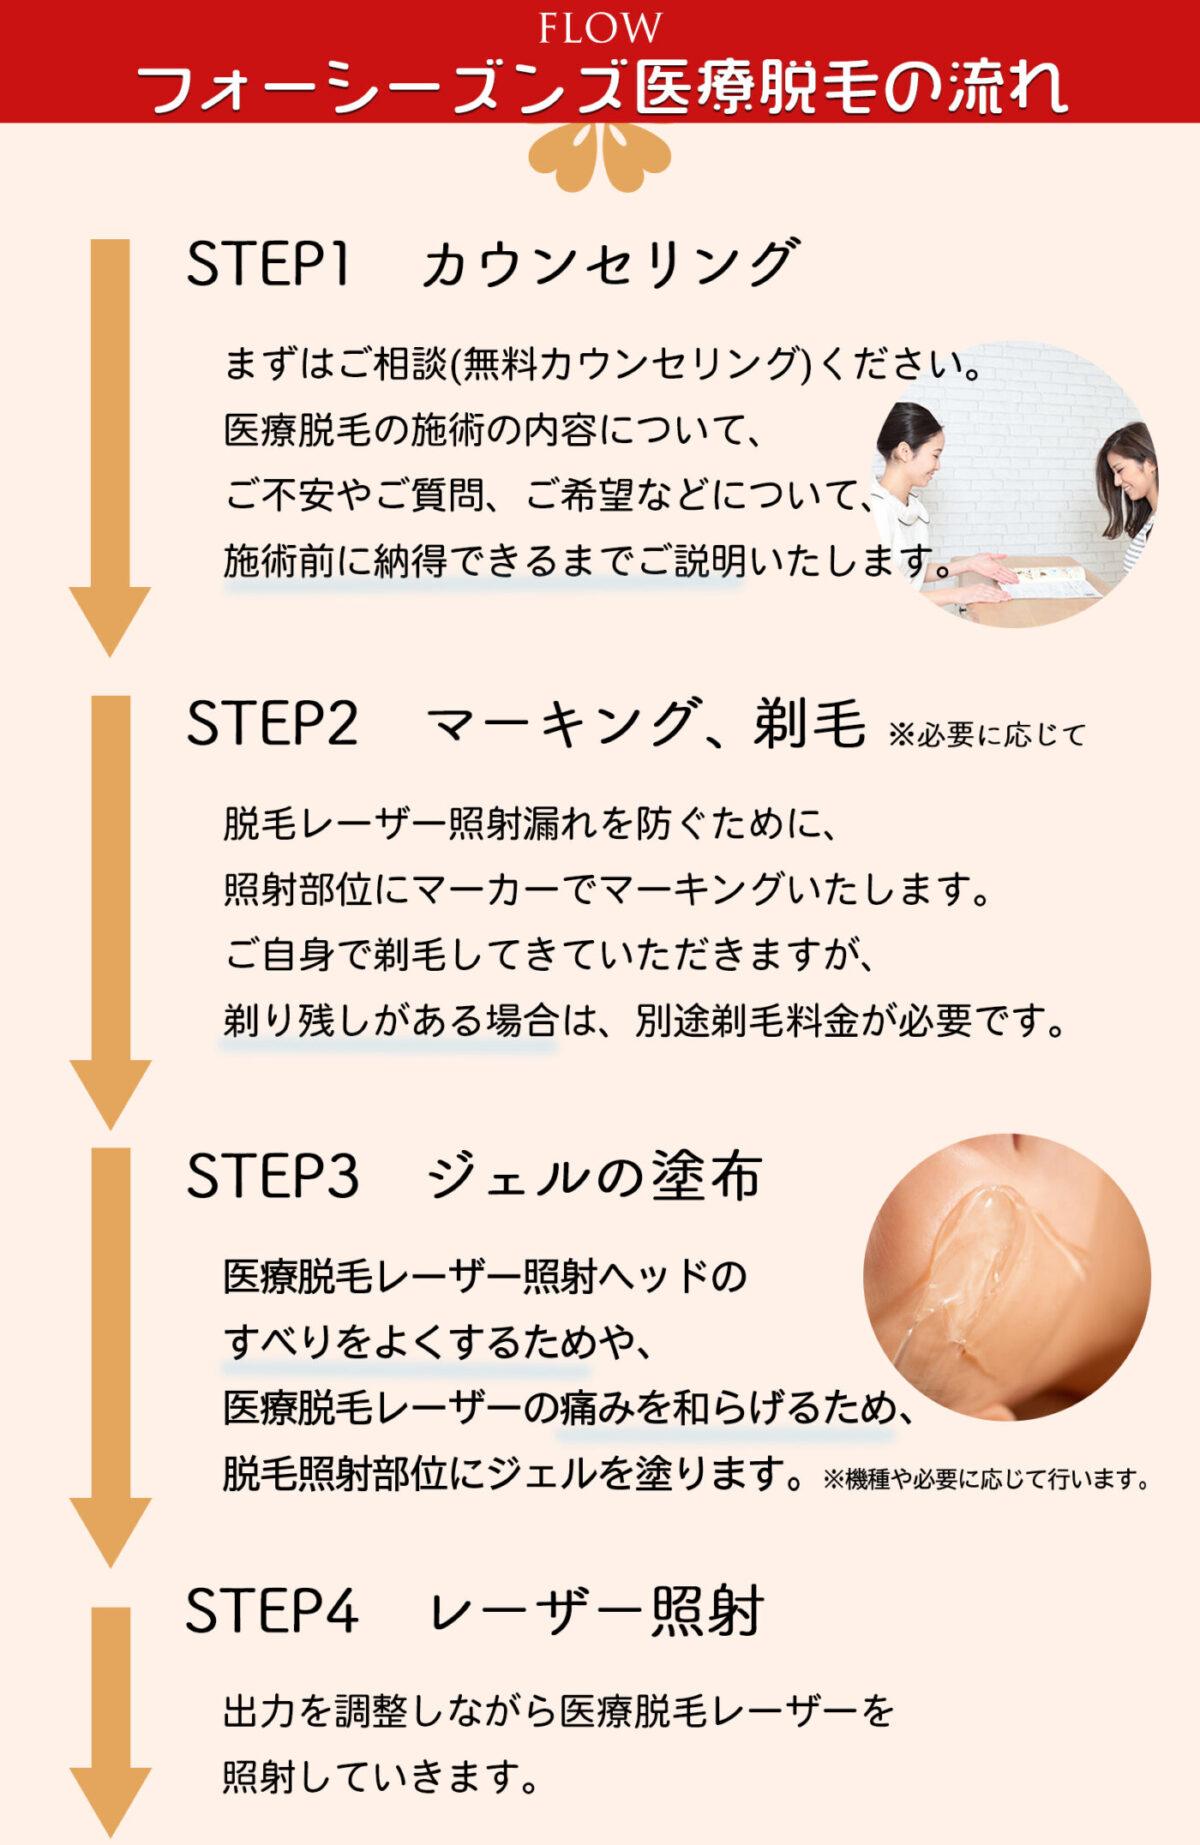 医療脱毛早期予約限定コース:脱毛の流れ